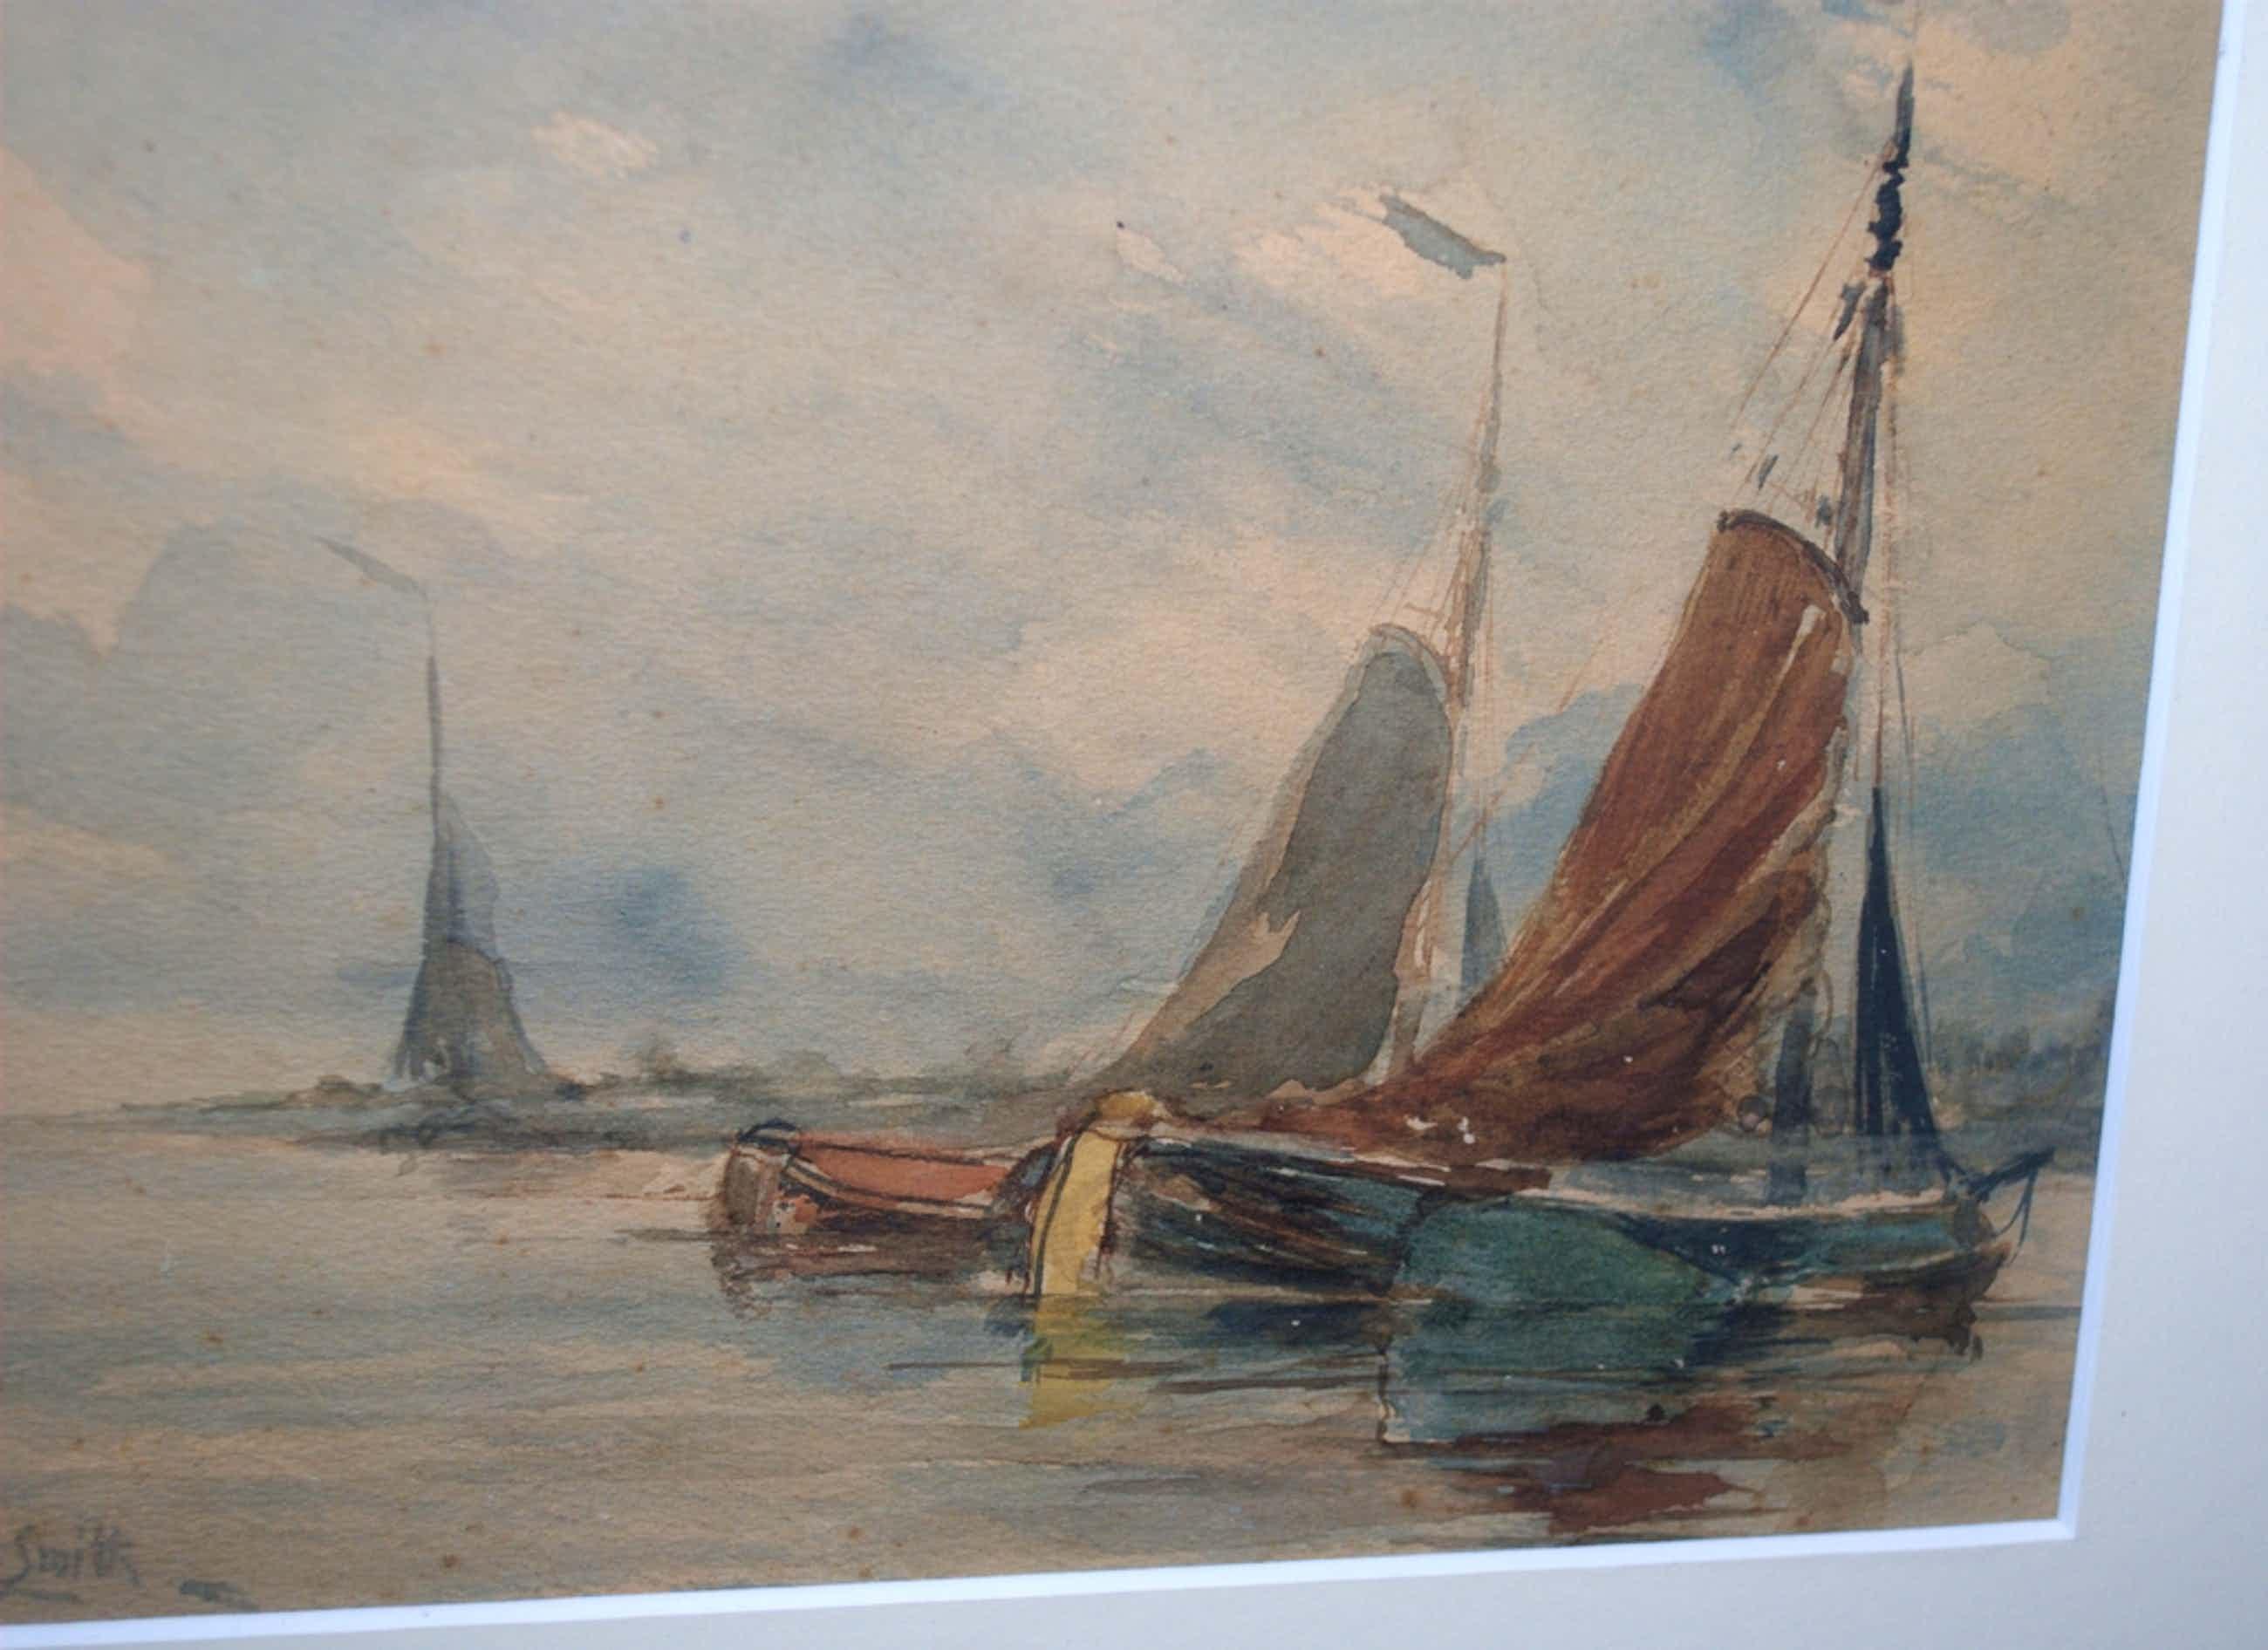 Hobbe Smith-afgemeerde zeilschepen -aquarel kopen? Bied vanaf 120!